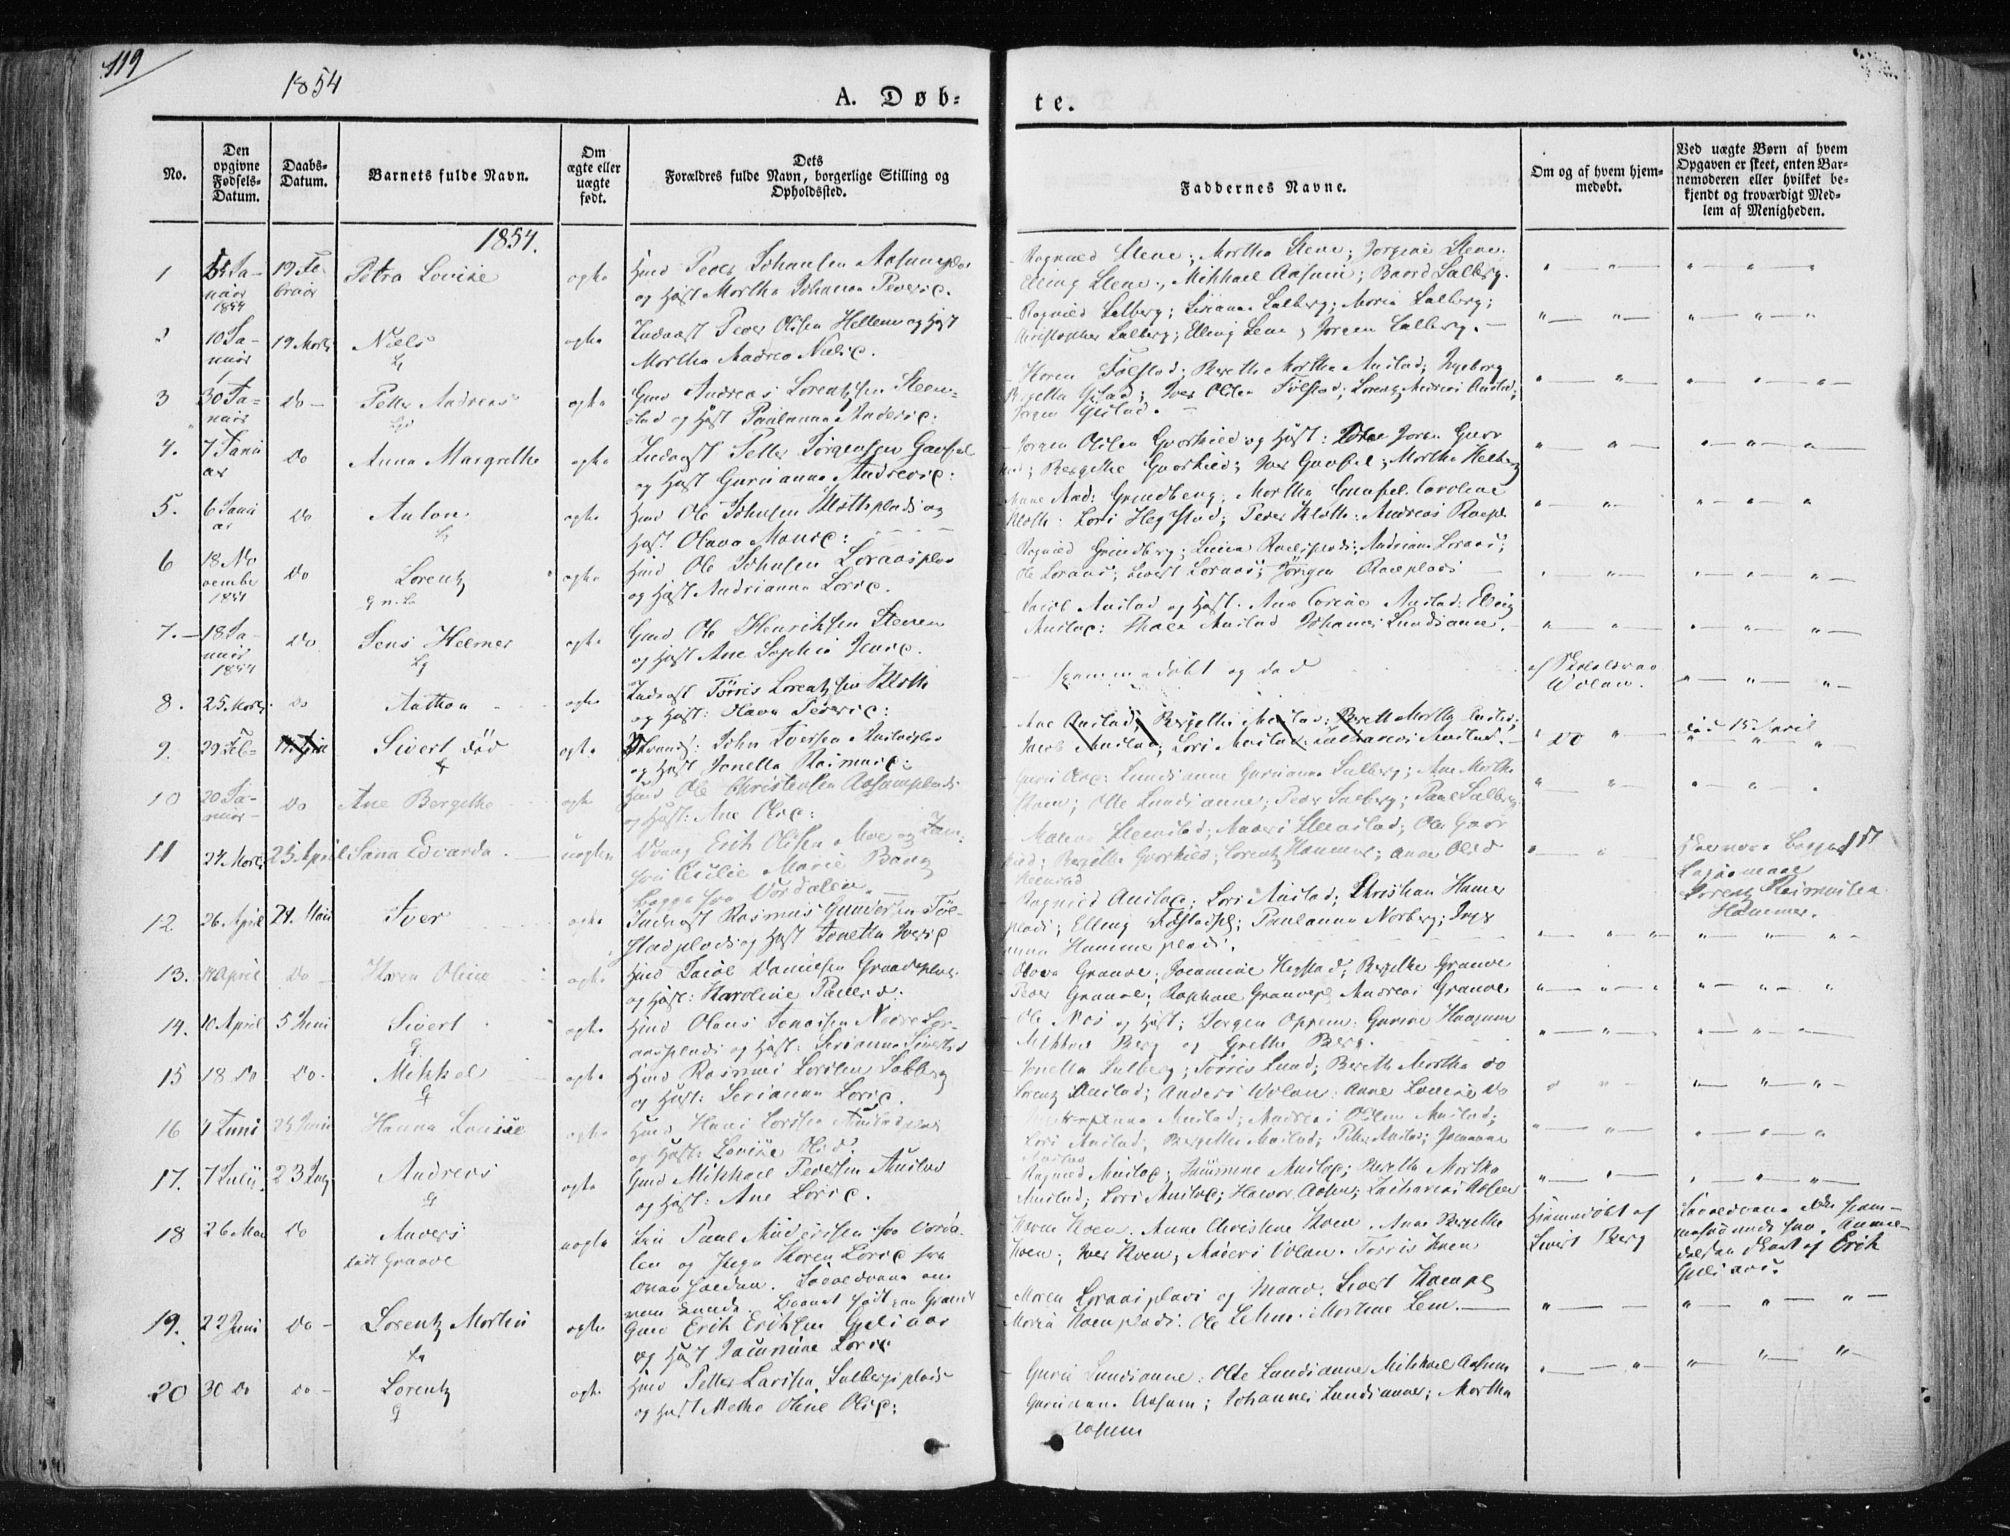 SAT, Ministerialprotokoller, klokkerbøker og fødselsregistre - Nord-Trøndelag, 730/L0280: Ministerialbok nr. 730A07 /2, 1840-1854, s. 119